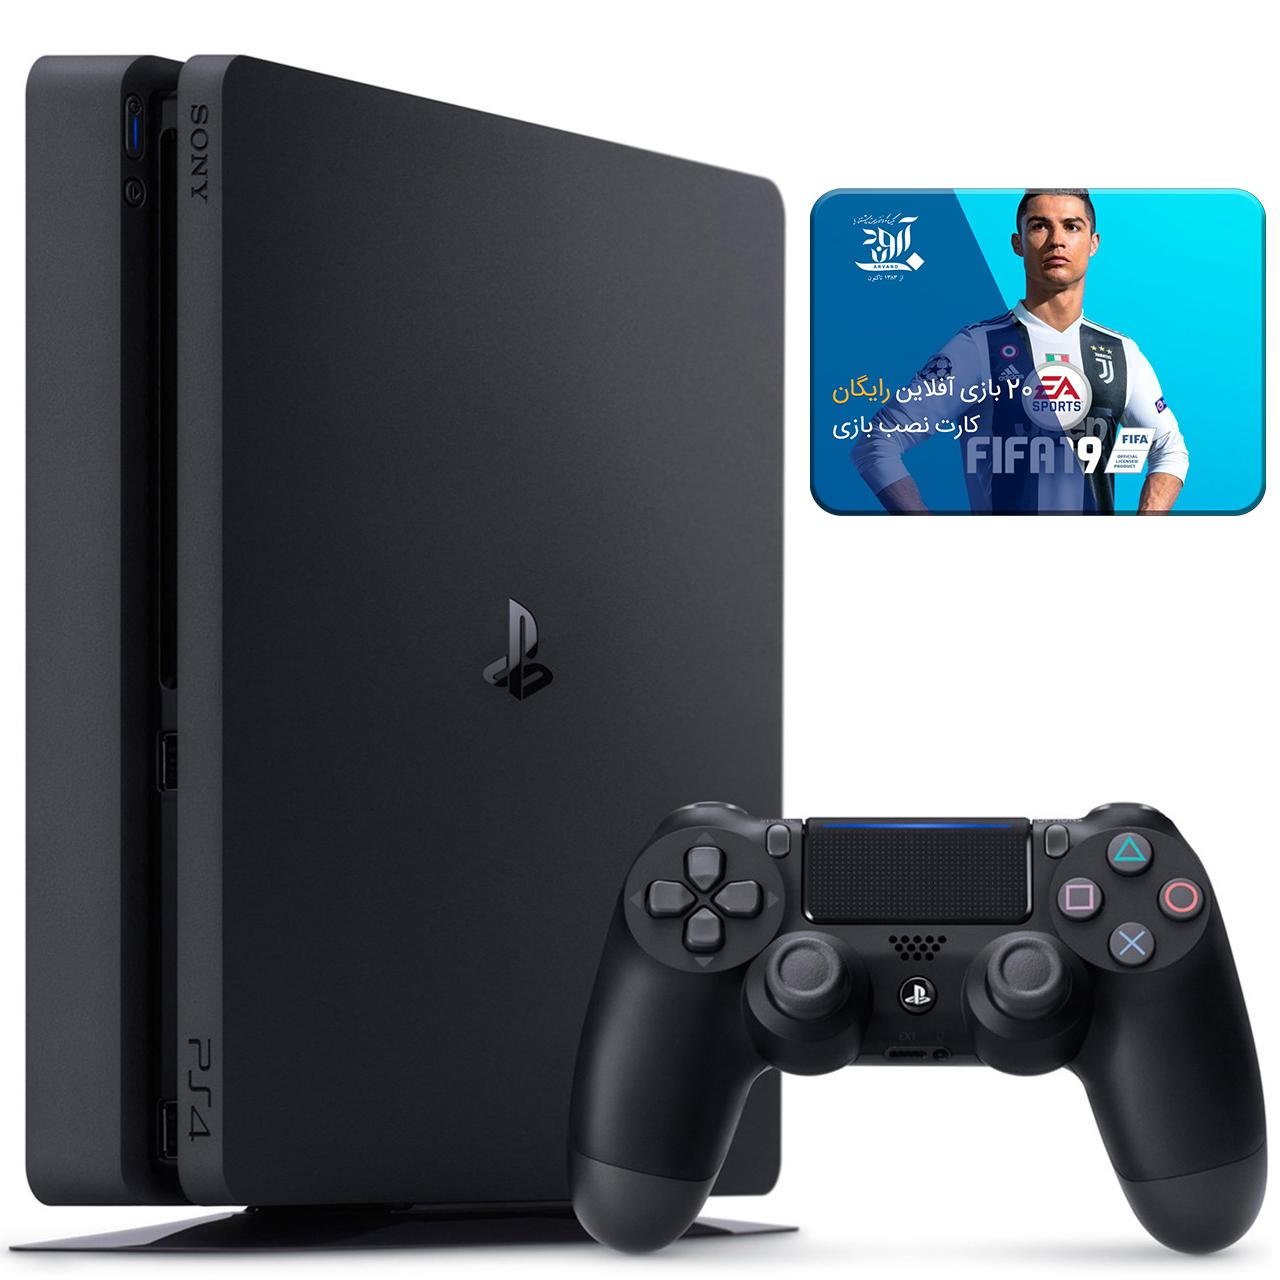 کنسول بازی سونی مدل Playstation 4 Slim کد CUH-2216B Region 2 - ظرفیت 1 ترابایت به همراه 20 عدد بازی 2019